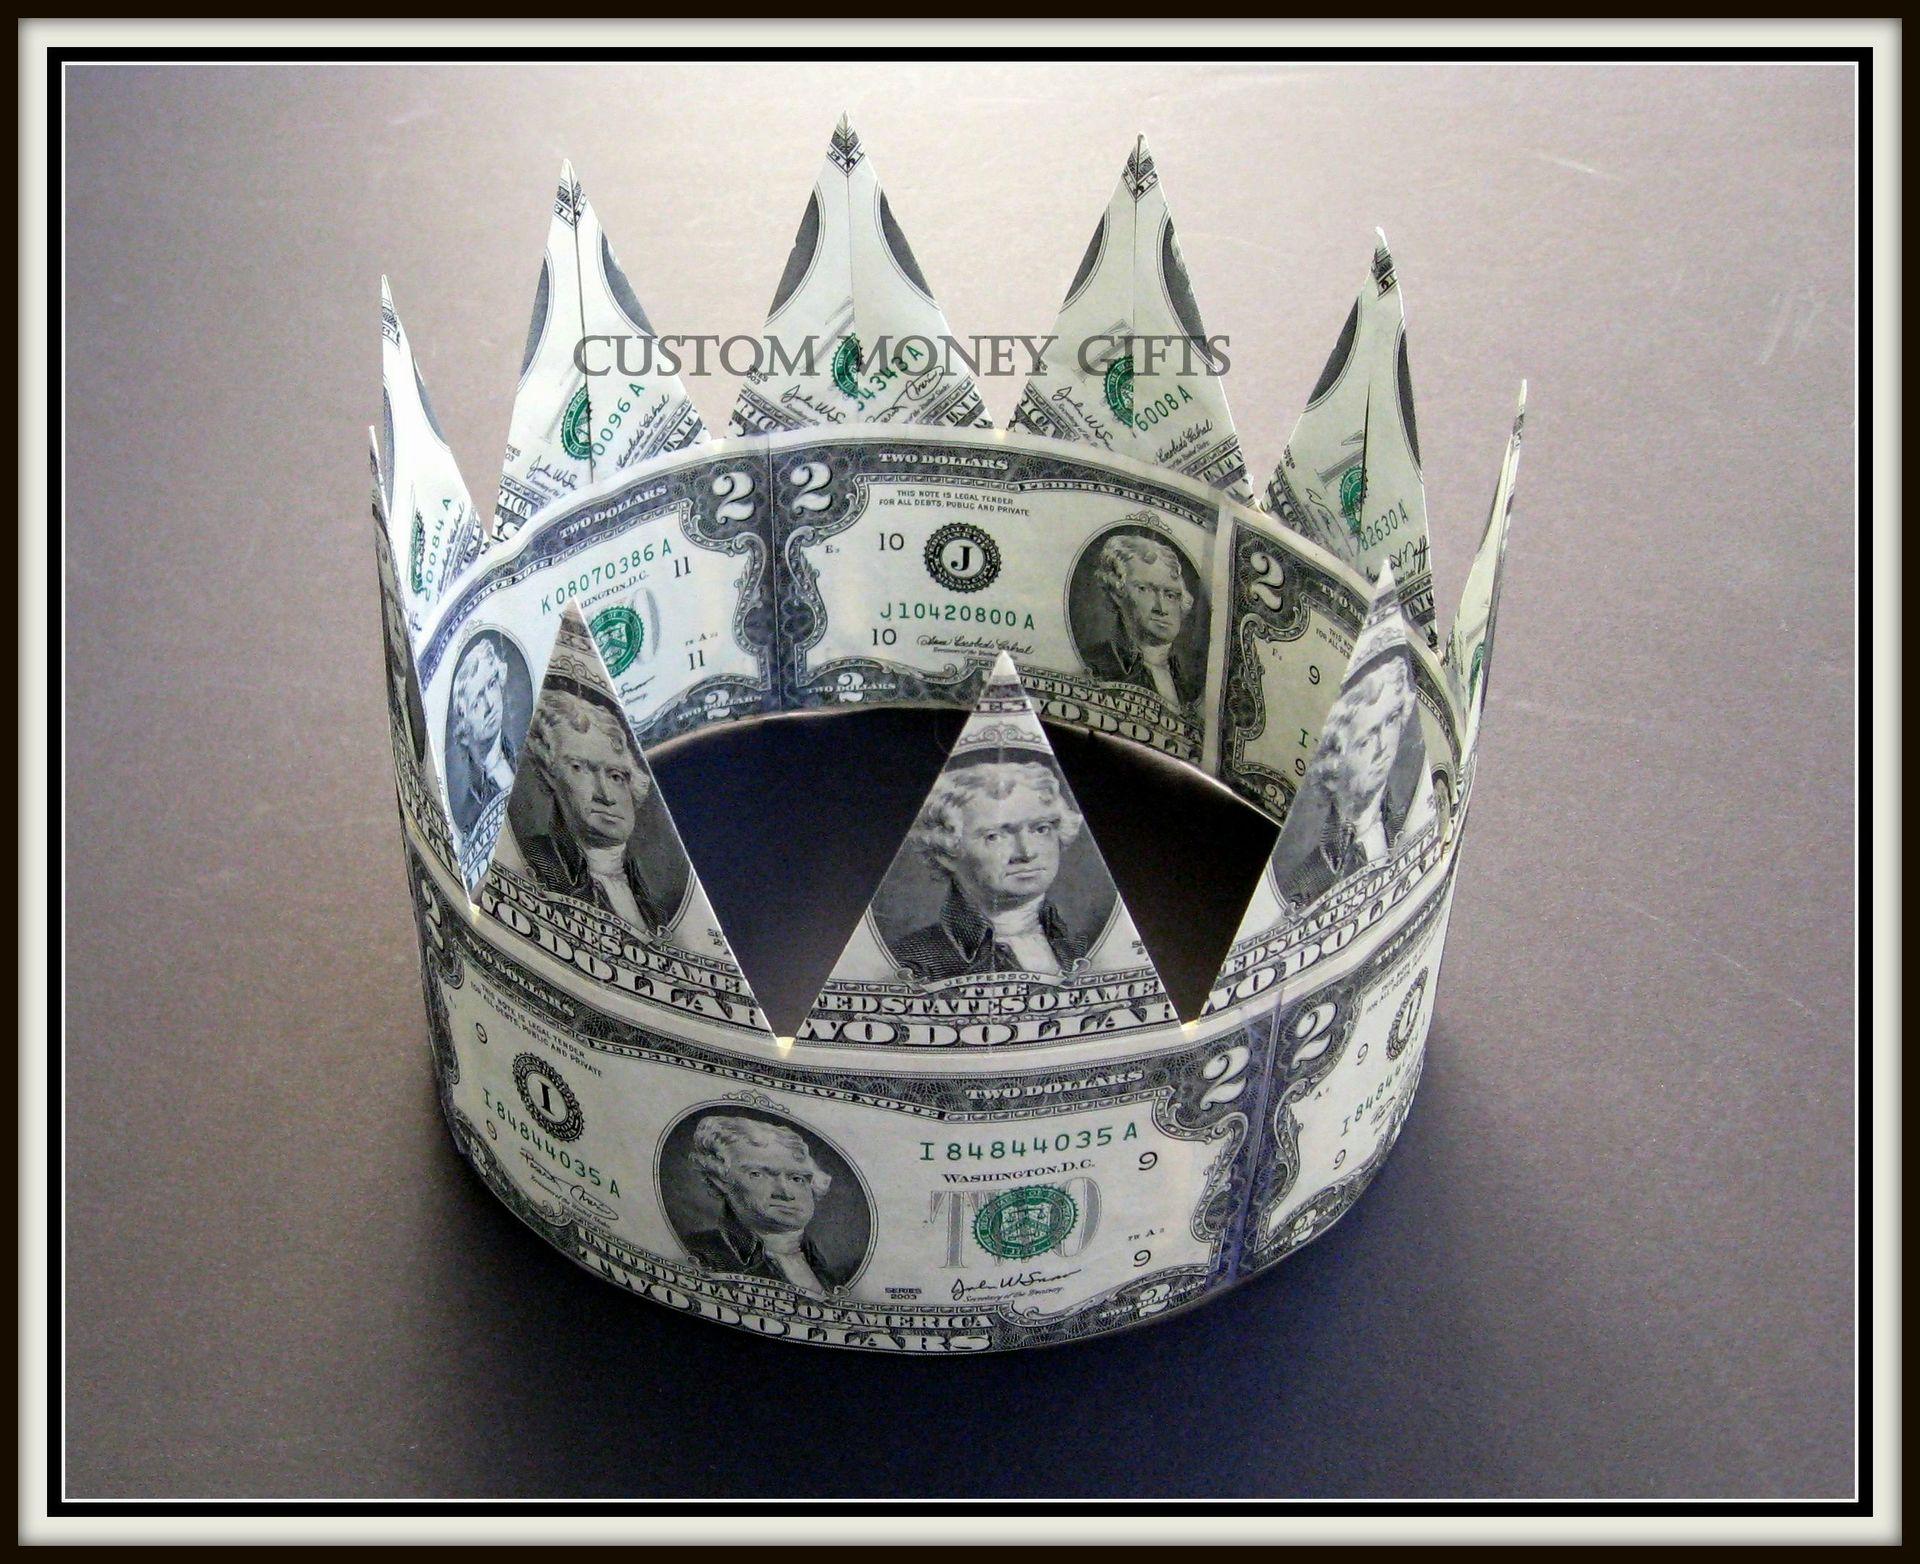 2e481de65cc18d46114acef7441a2afd-money